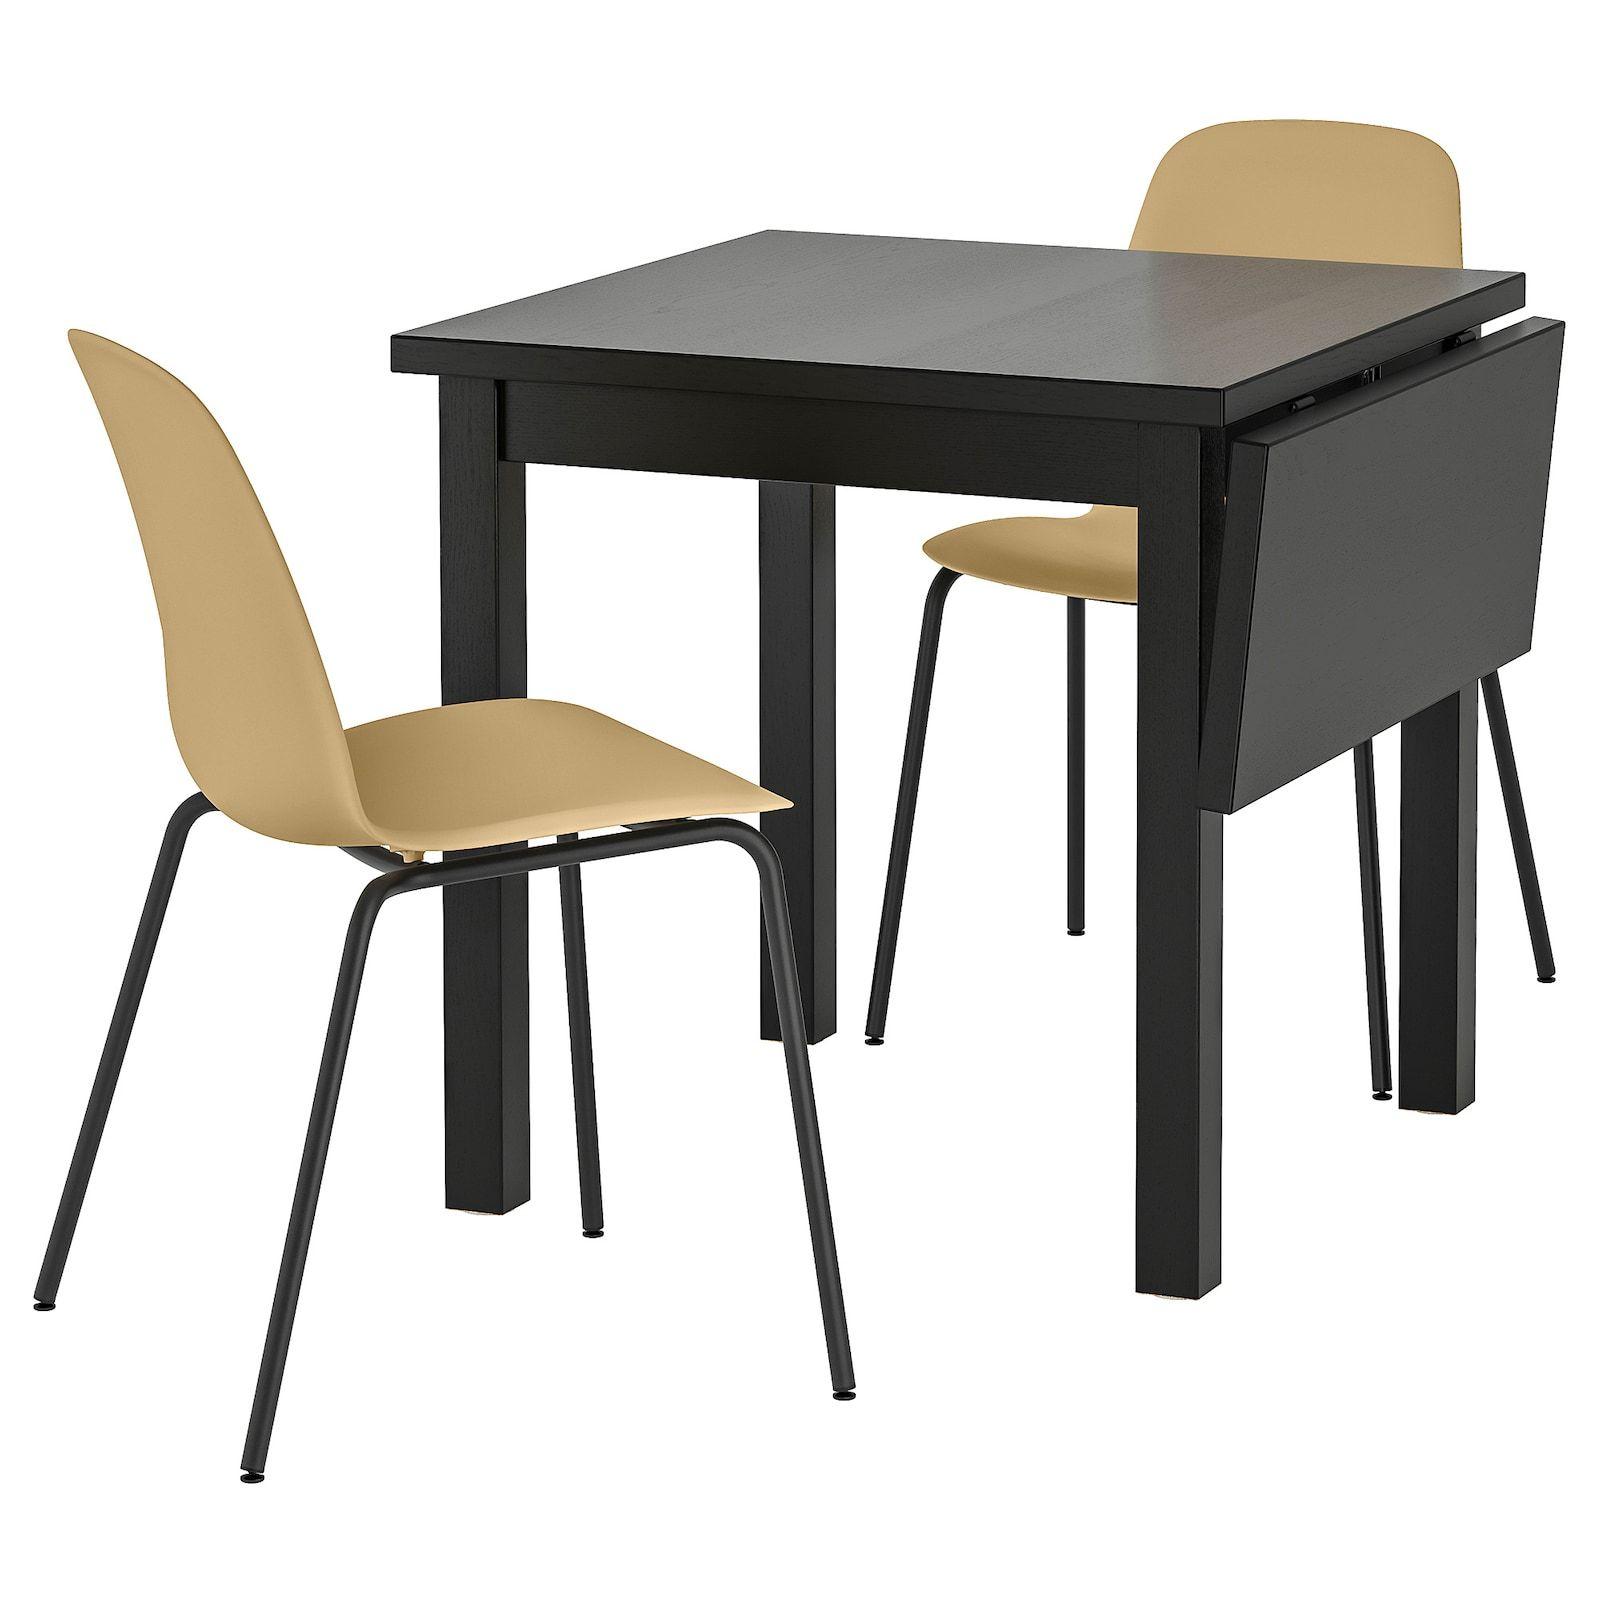 Nordviken Leifarne Tisch Und 2 Stuhle Schwarz Broringe Schwarz Ikea Osterreich In 2020 Kleiner Esstisch Kleiner Tisch Und Stuhle Stuhle